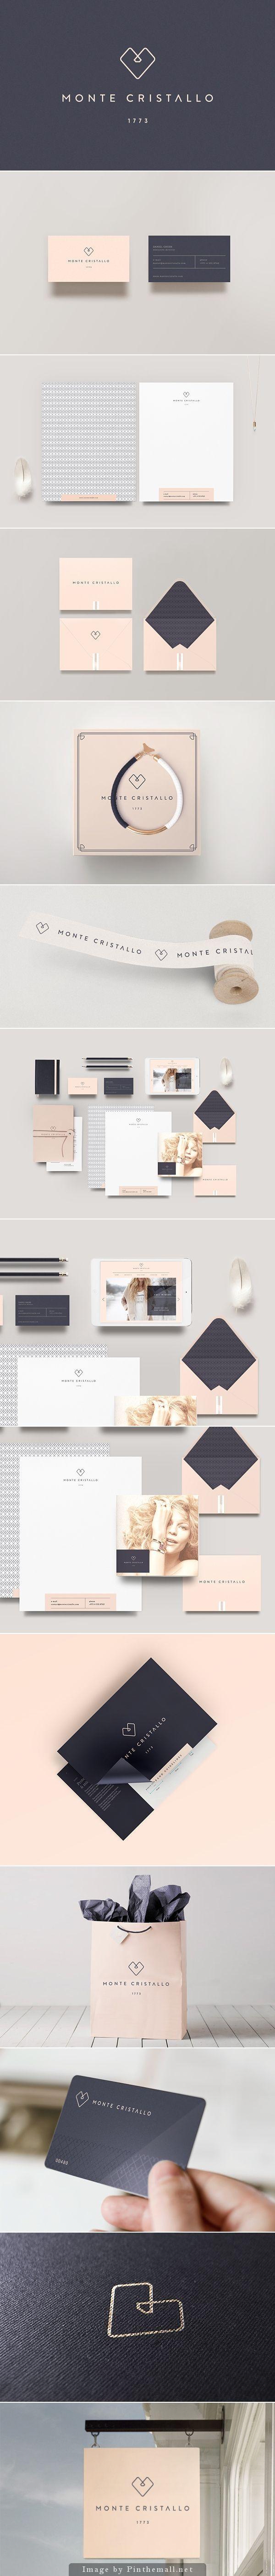 Brand design Do you need to design